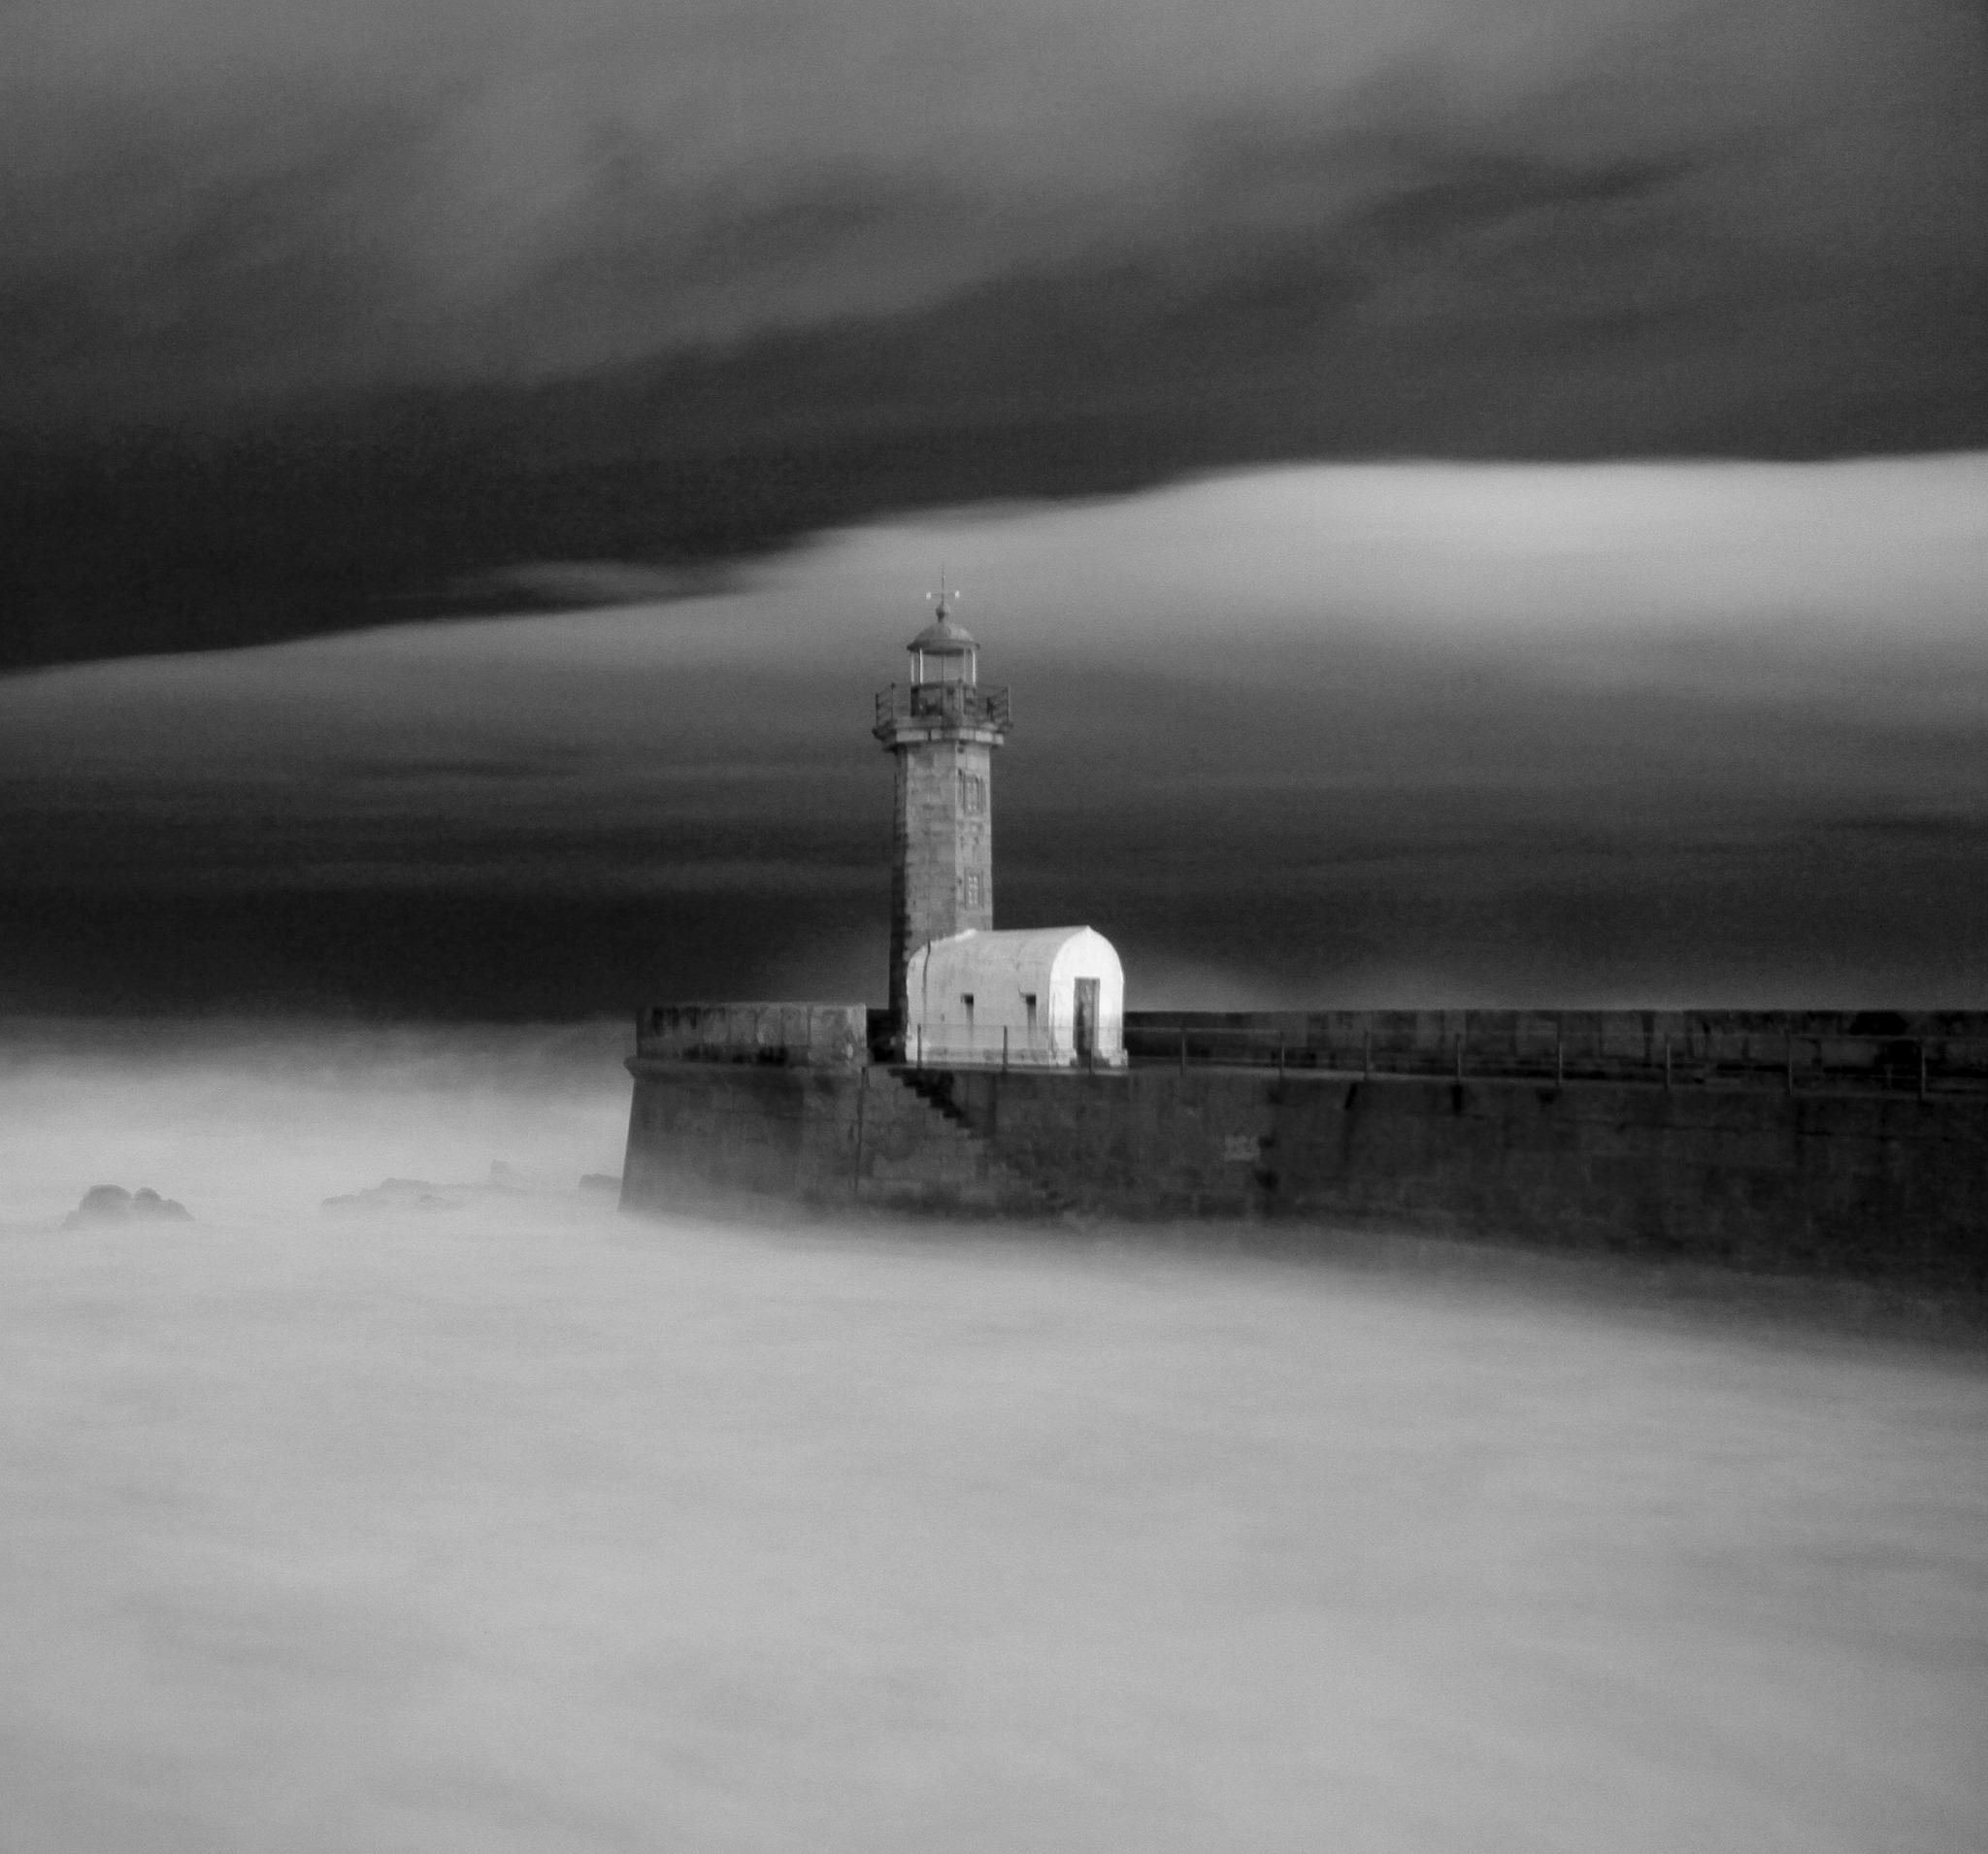 37ª exposição online 'IMAGO DEI' de Cristiano Costa Pereira